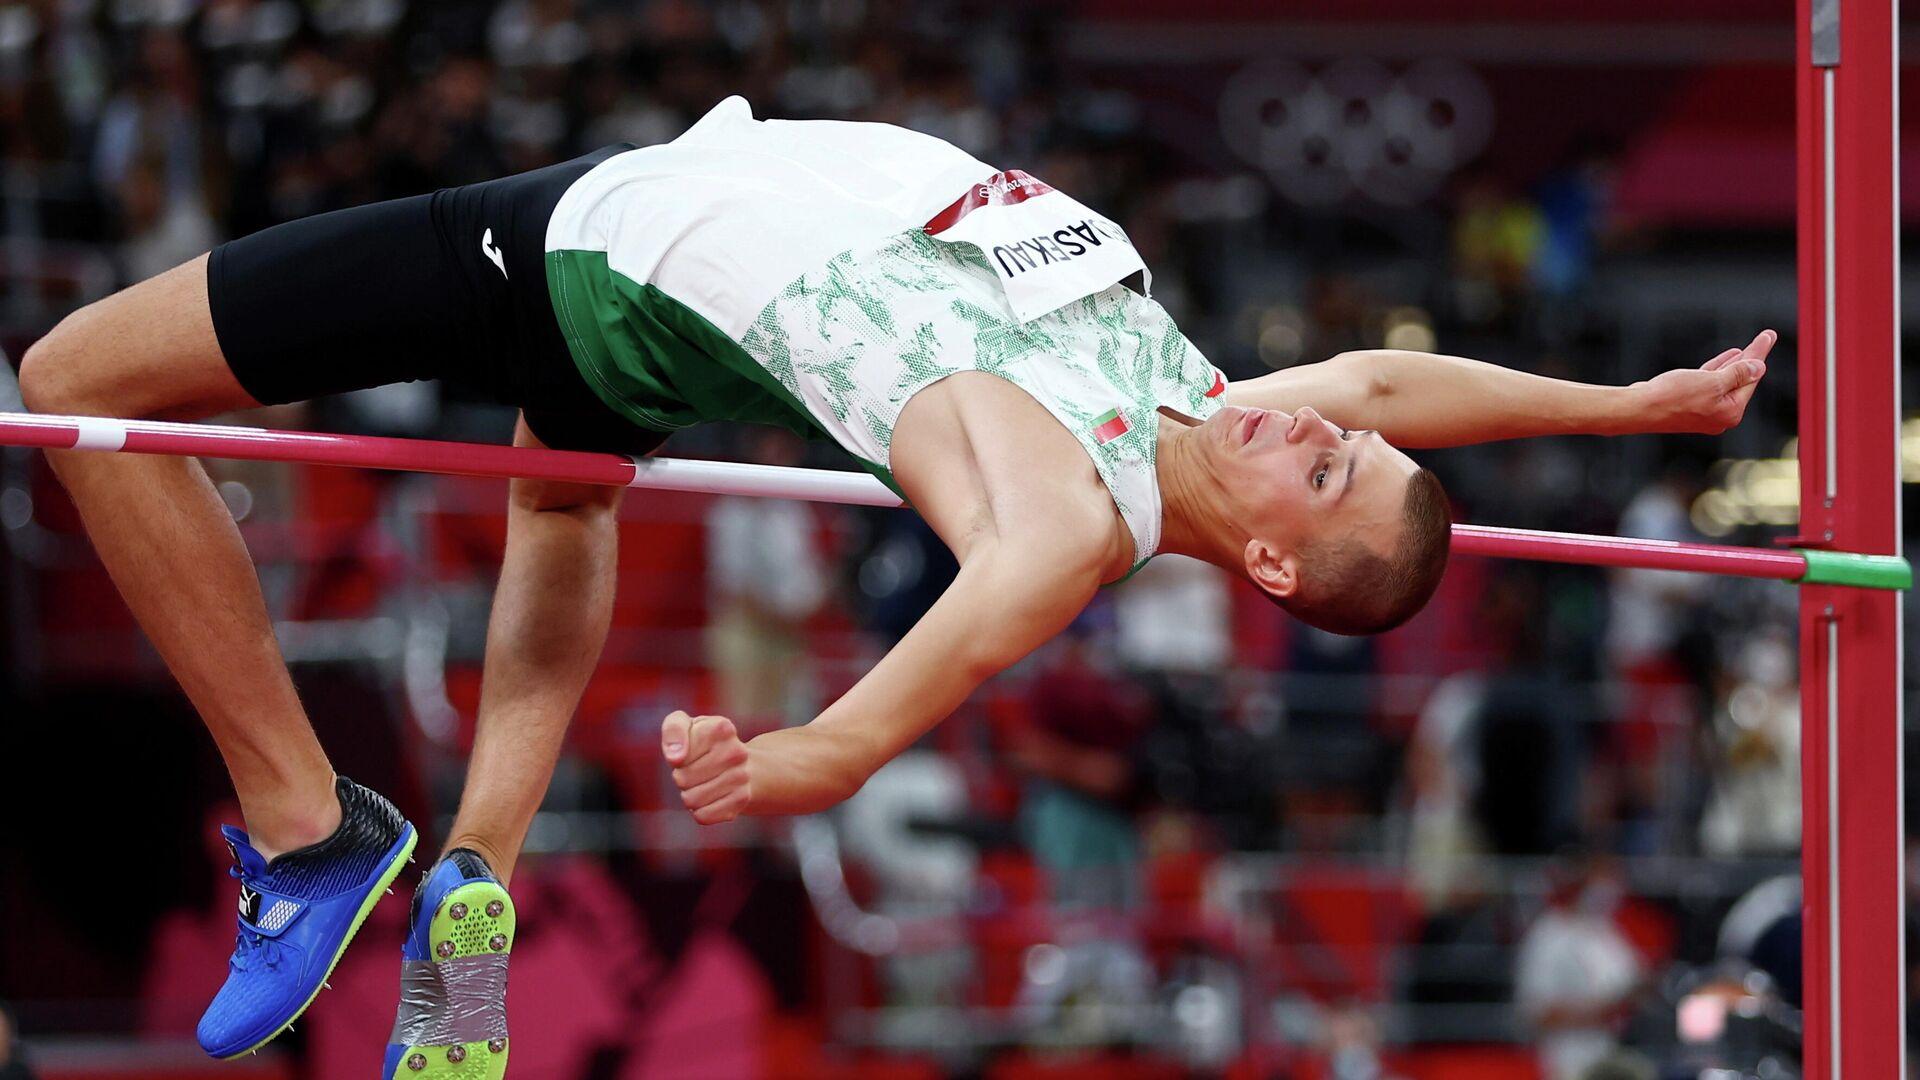 Макис Недосеков в финале Олимпийских игр 2020 года - Sputnik Беларусь, 1920, 01.08.2021